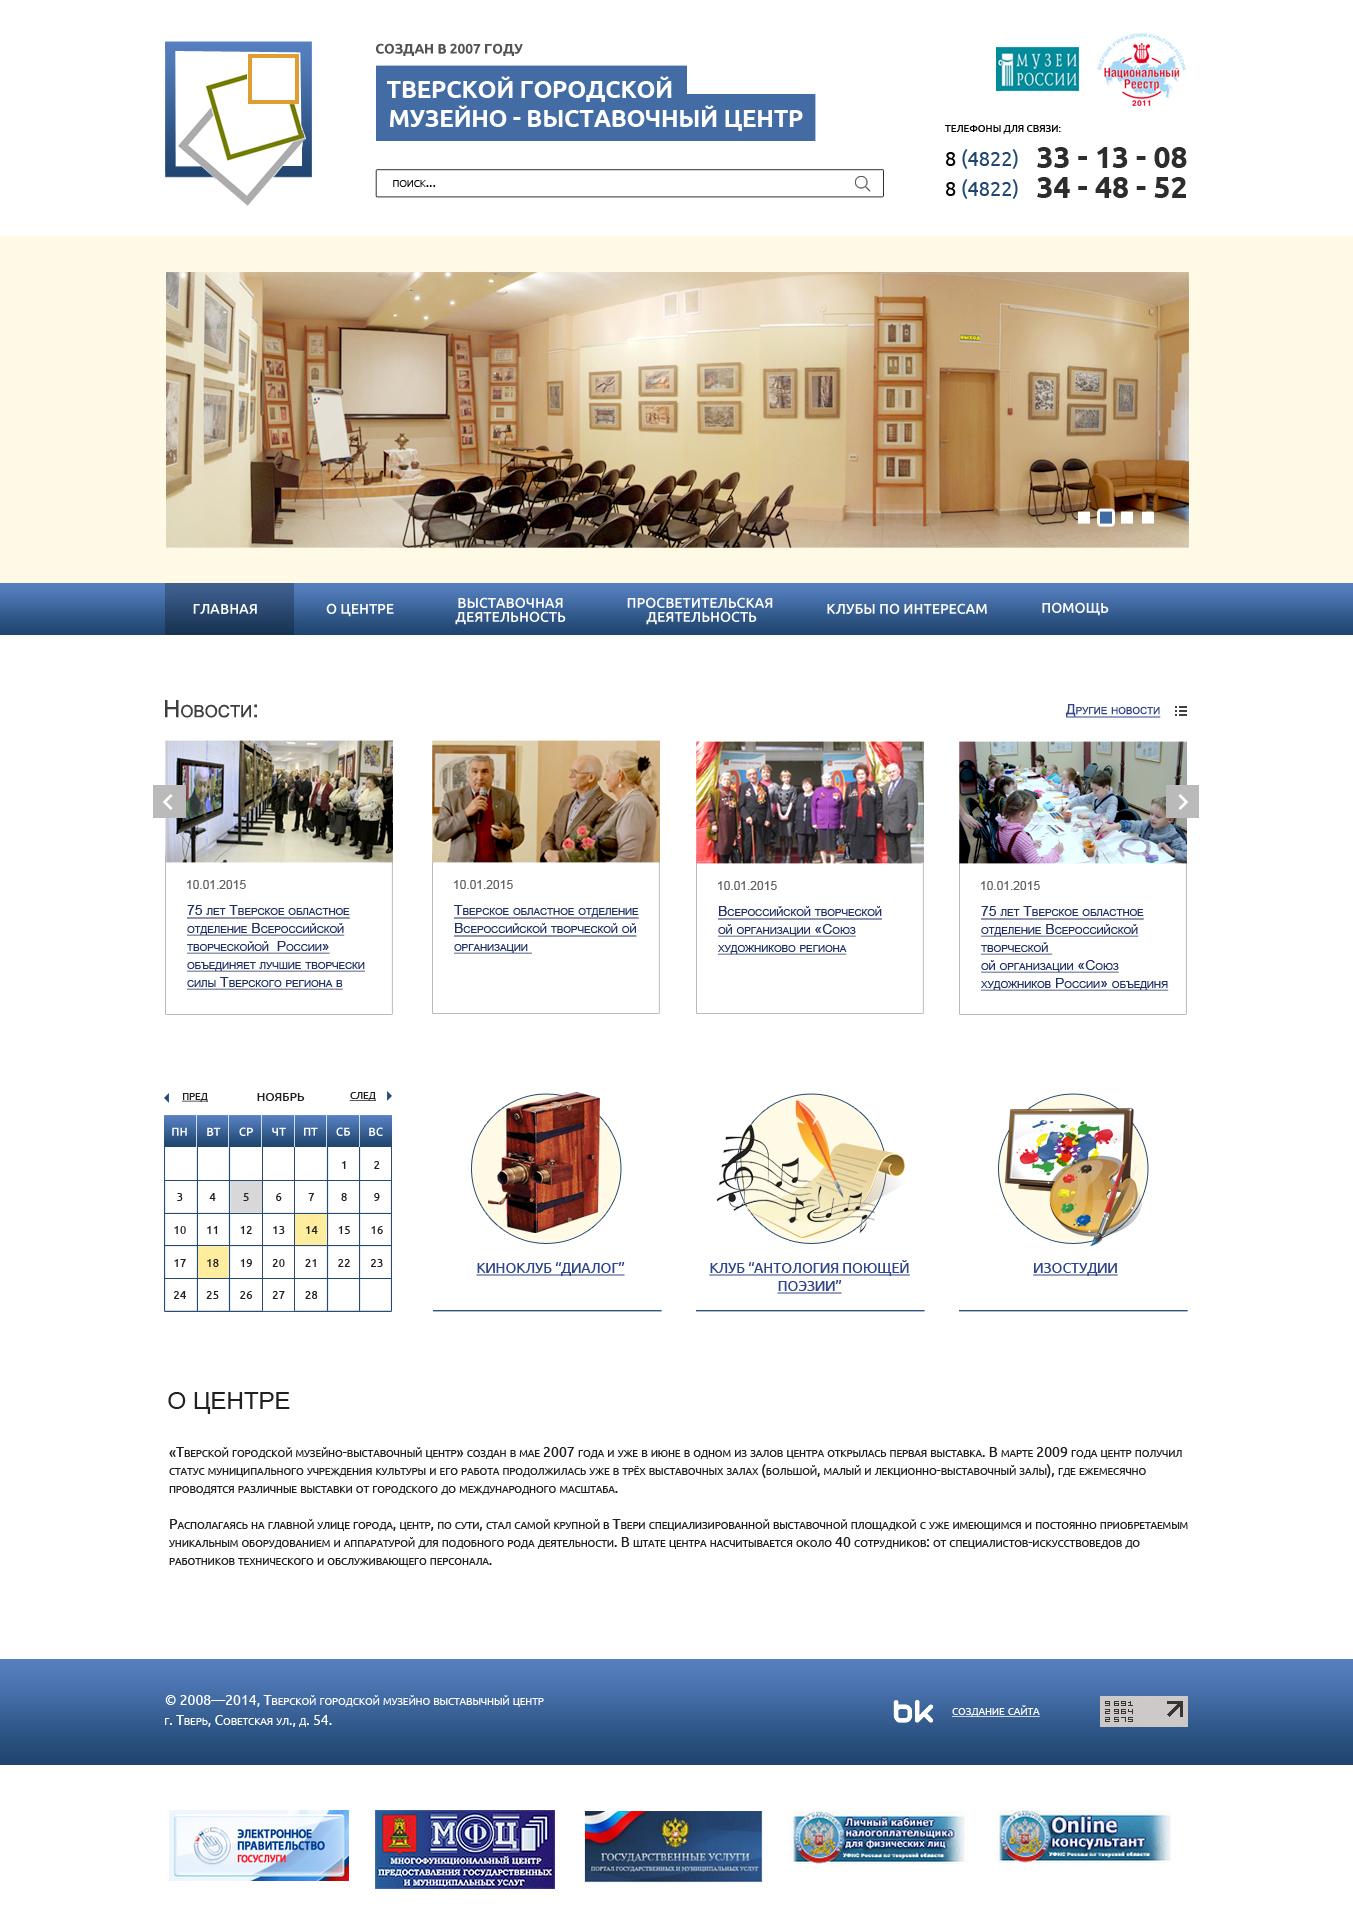 Создание сайт в твери официальный сайт компании eaton